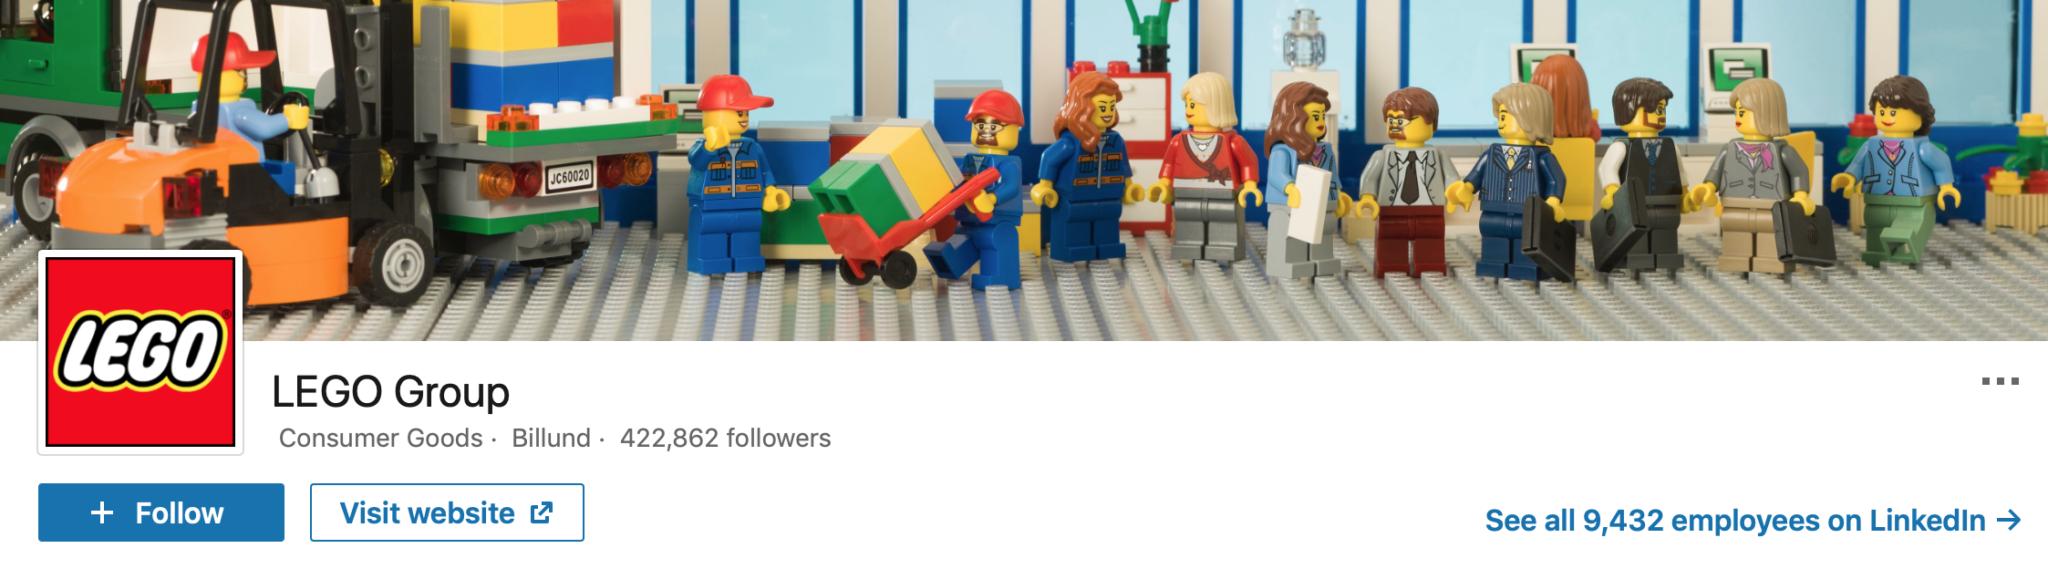 LinkedIn profile Lego